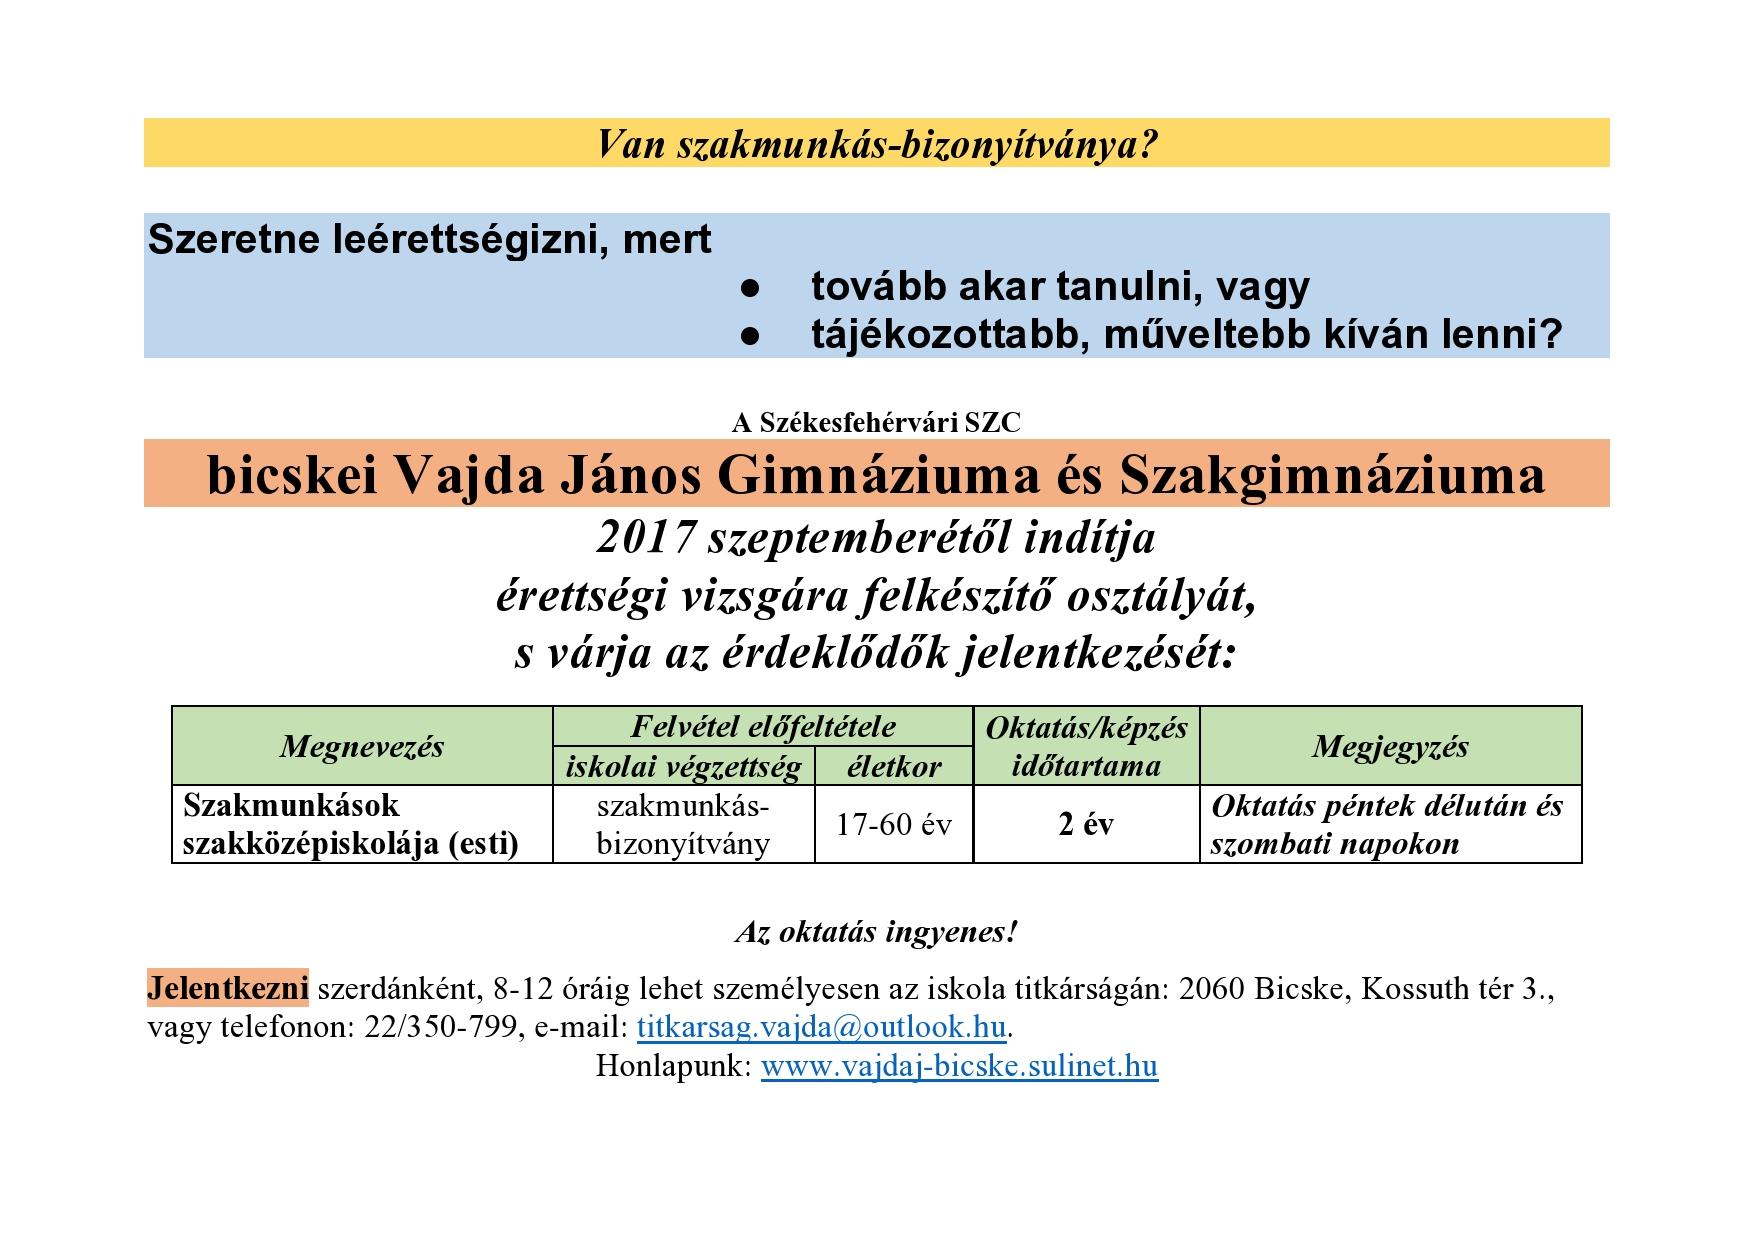 vajda_szakmunkasok_szakkozepiskolaja_plakat_2017-page00012.jpg